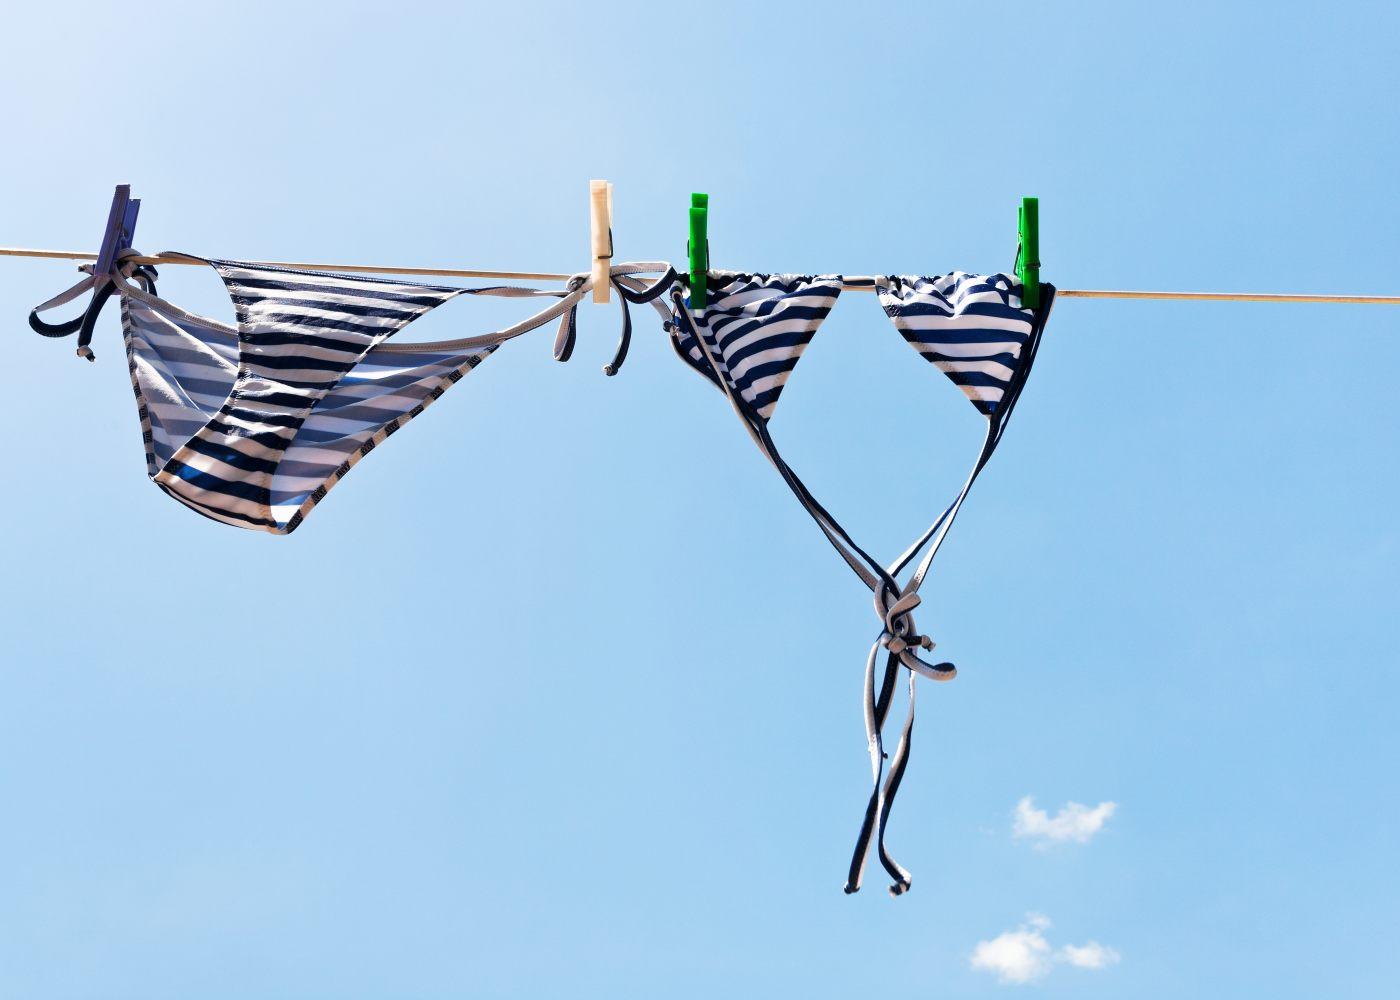 biquini a secar numa corda depois de pessoa consultar como lavar os fatos de banho